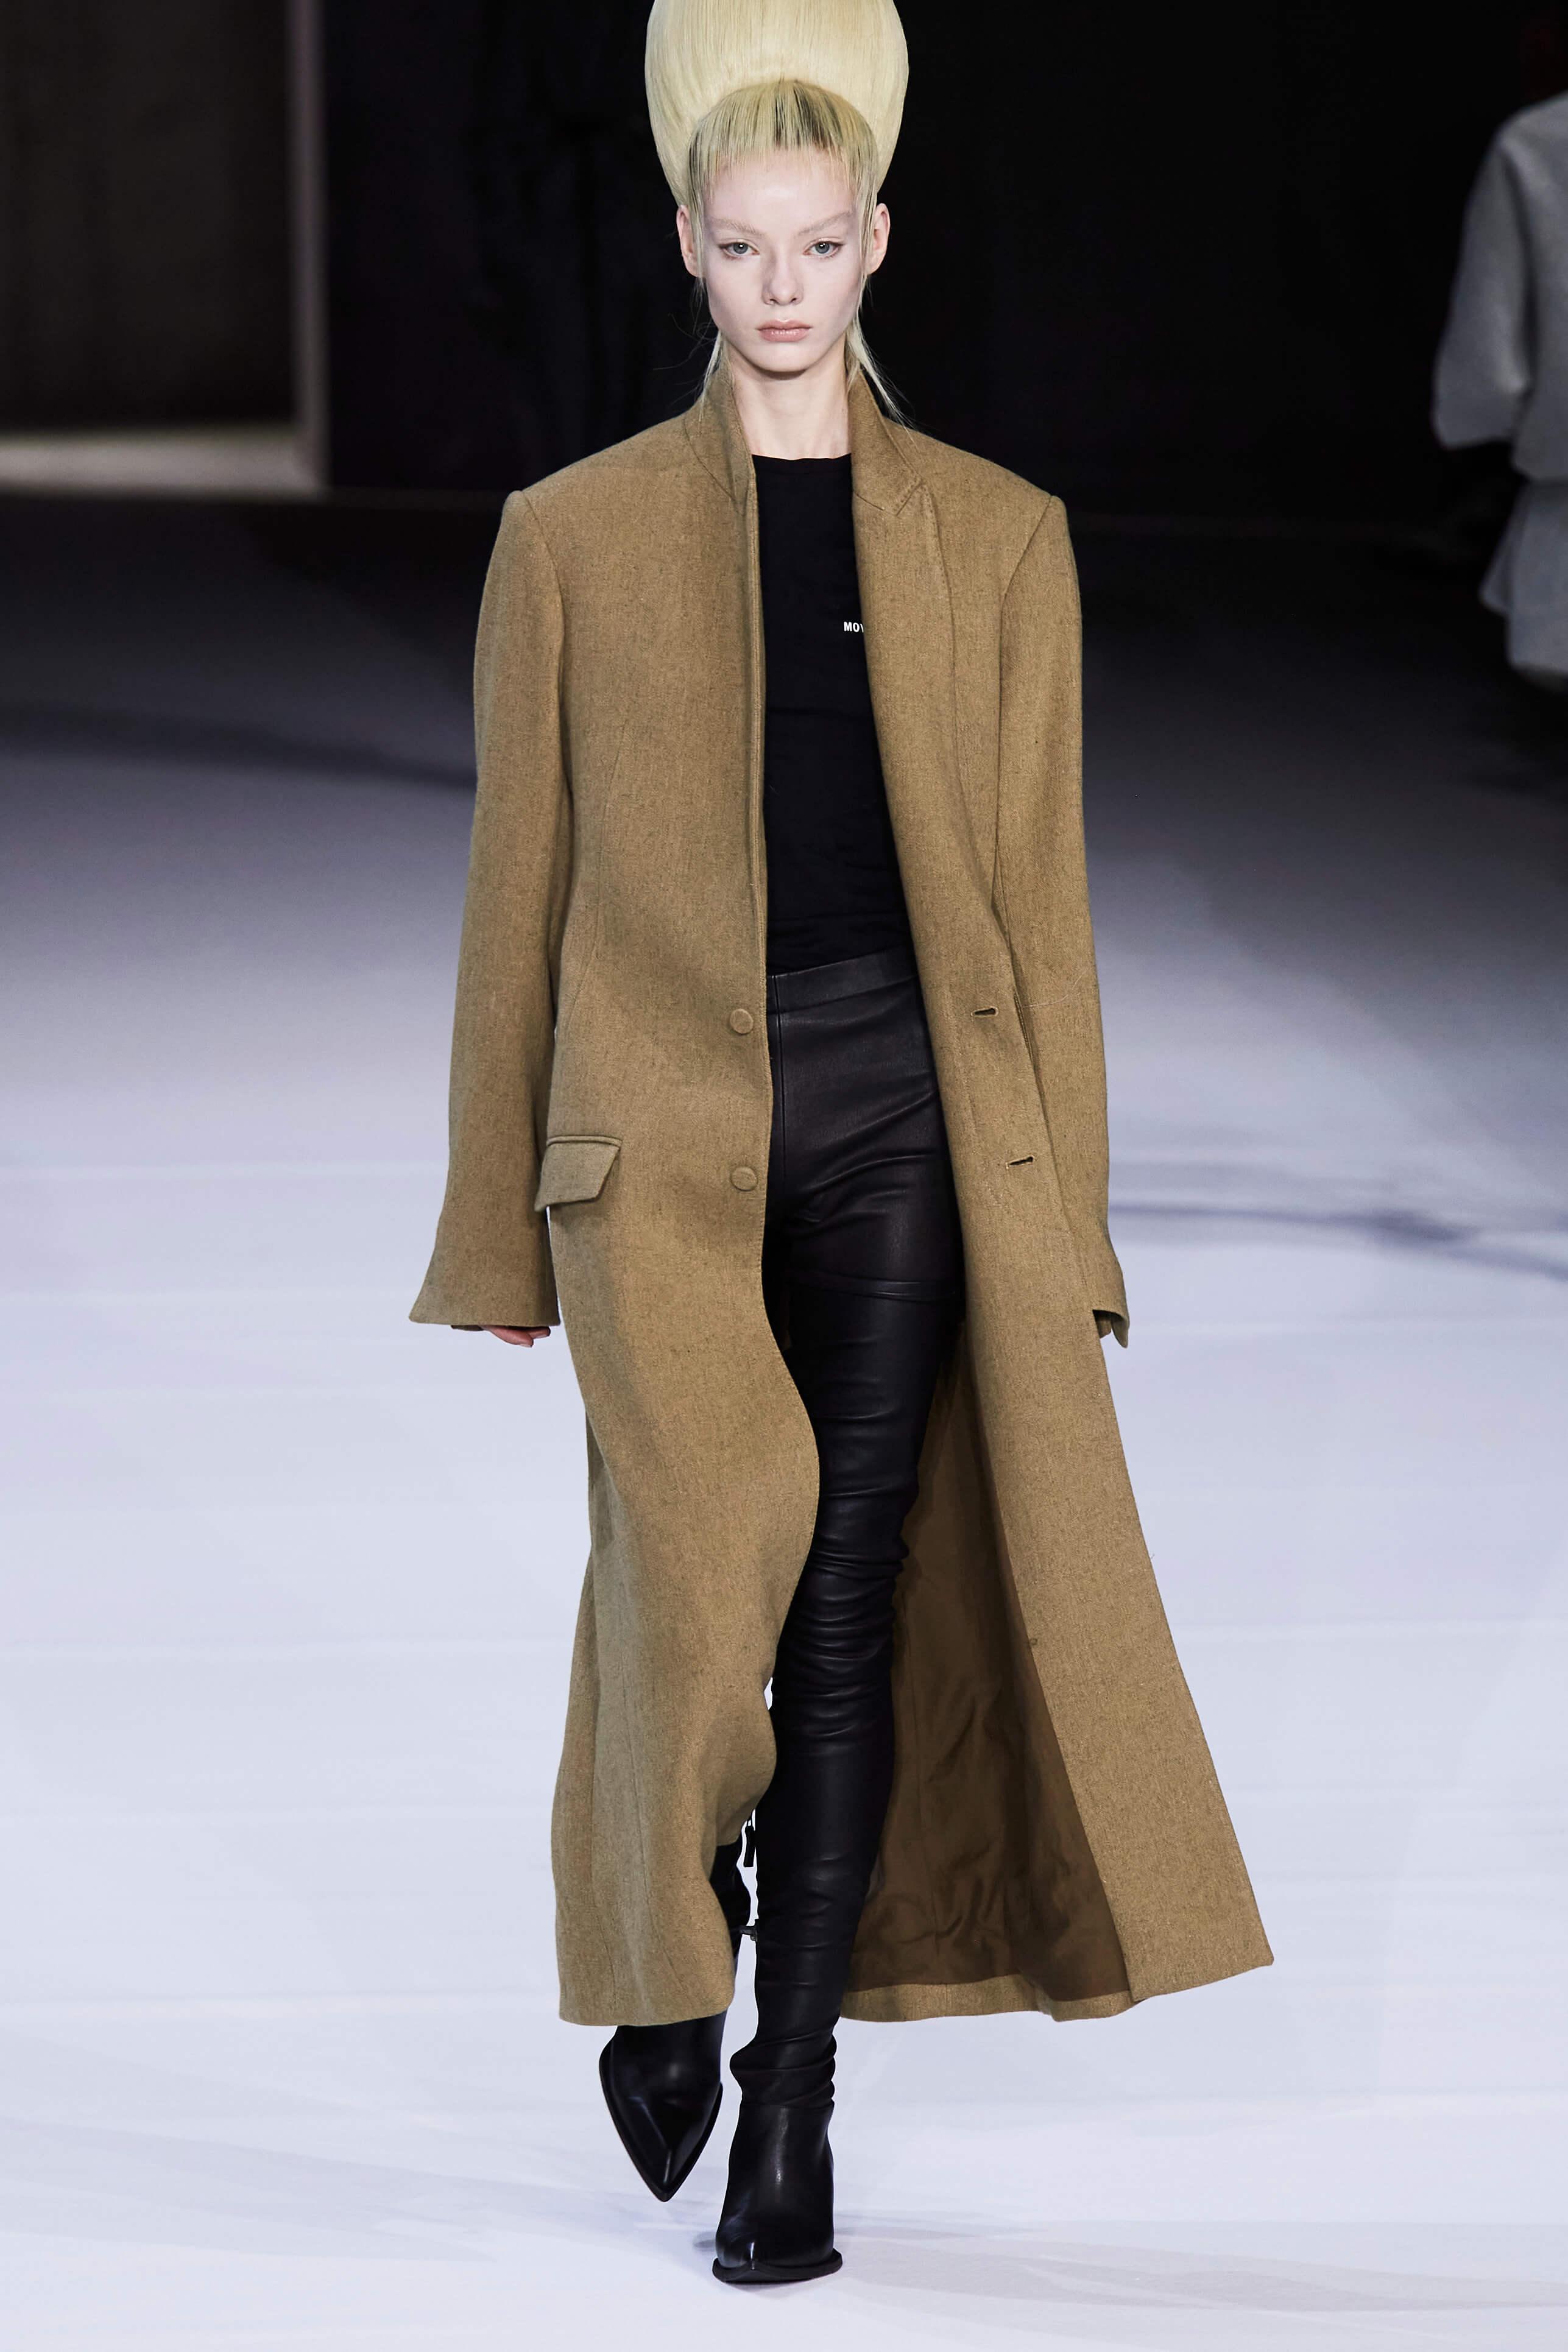 Главные признаки классического стиля в одежде